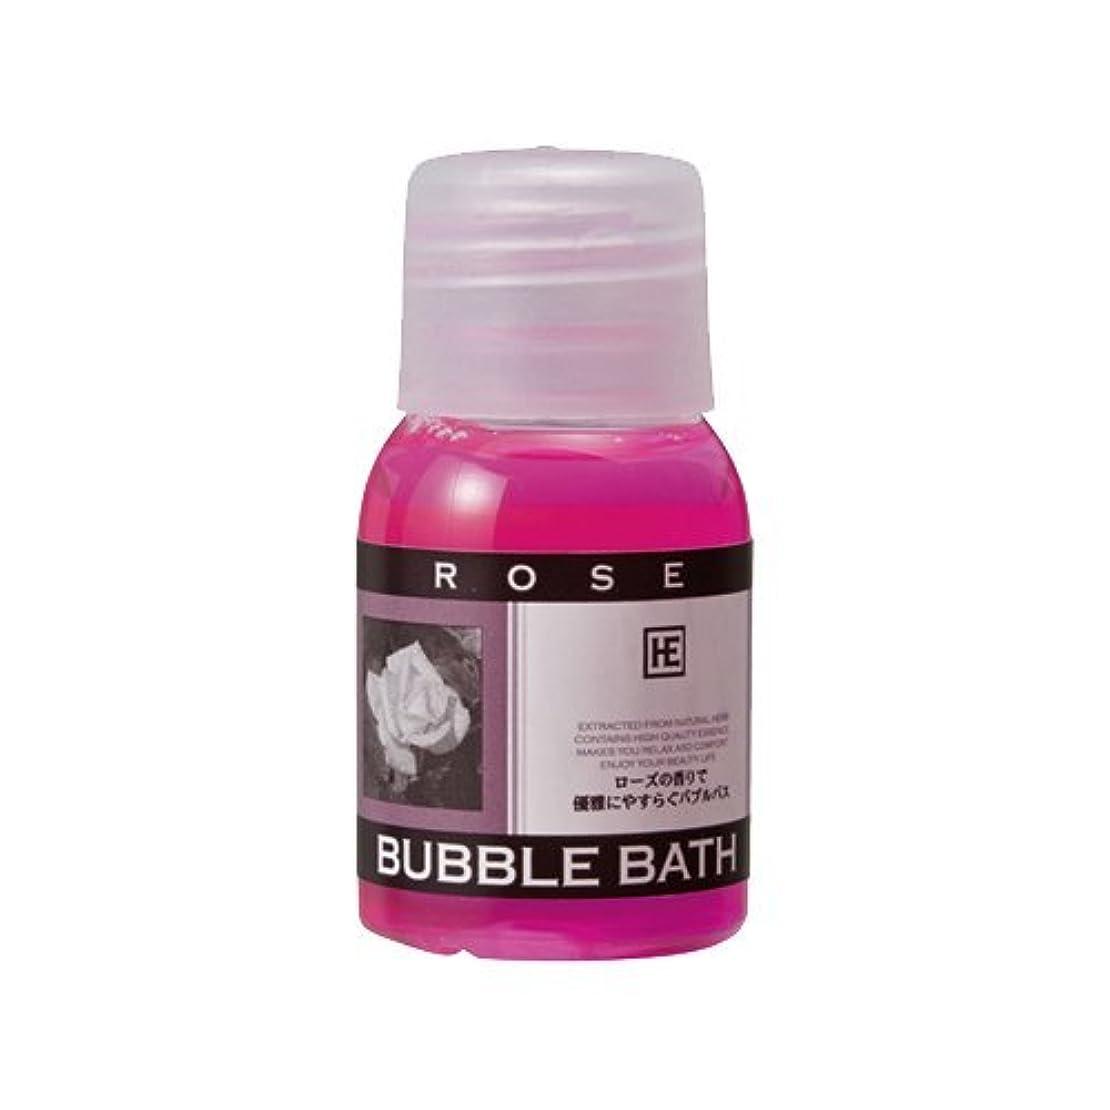 ビバ指令ハプニングハーバルエクストラ バブルバス ミニボトル ローズの香り × 5個セット - ホテルアメニティ 業務用 発泡入浴剤 (BUBBLE BATH)